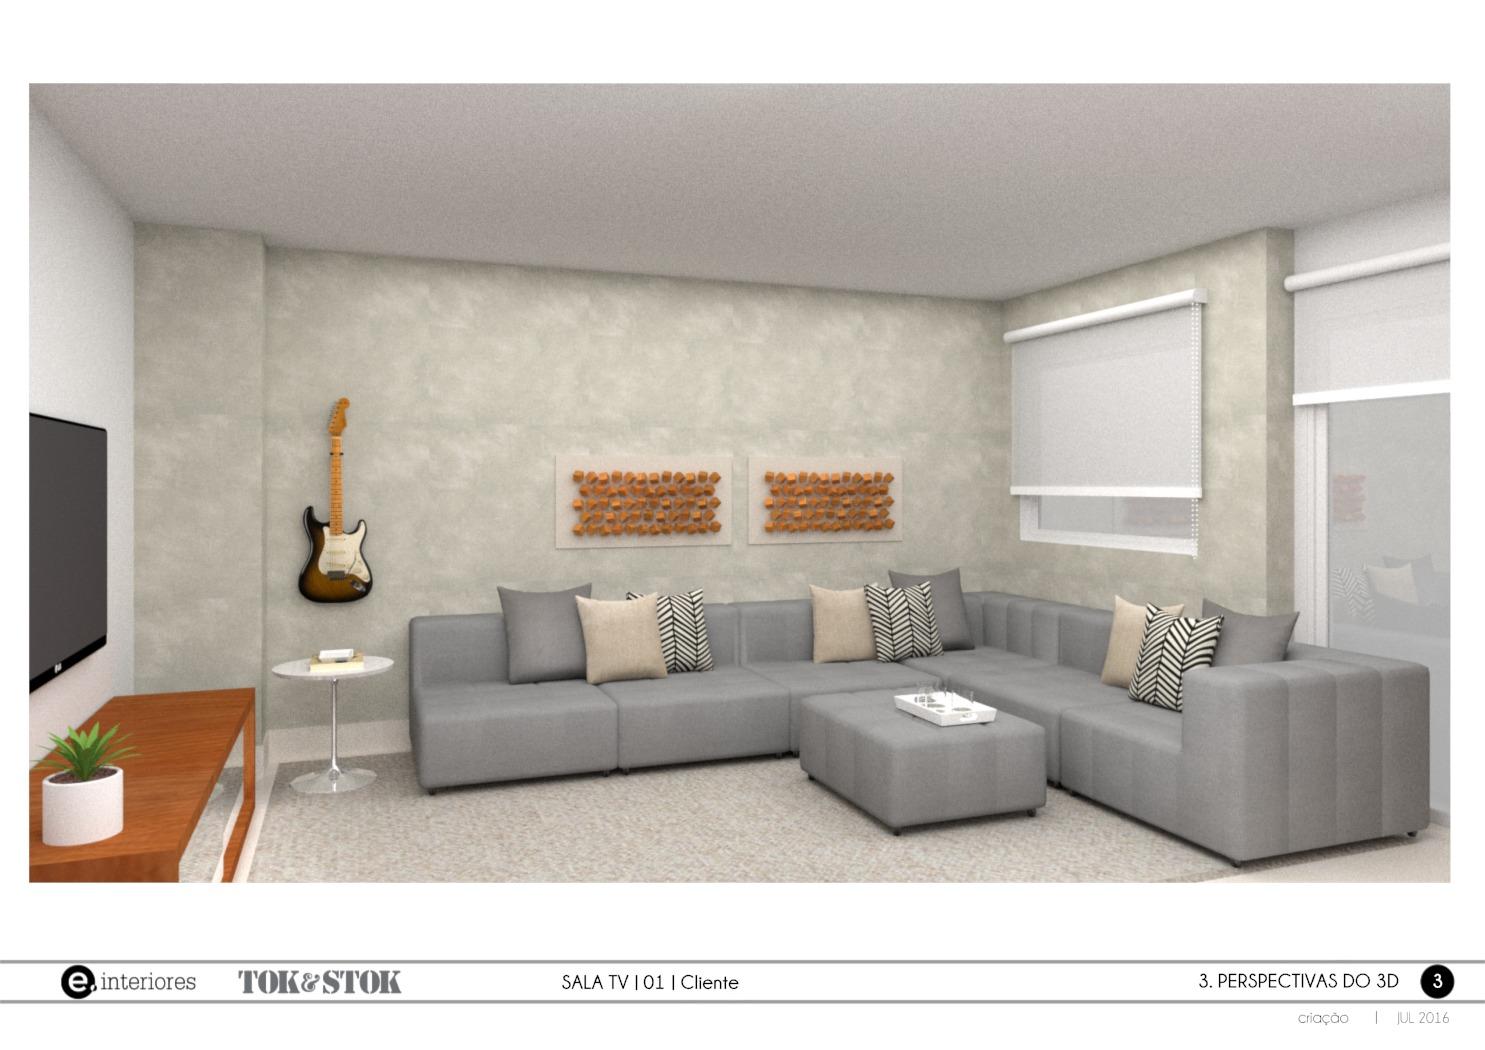 E interiores next generation interior design with blender for E interior design